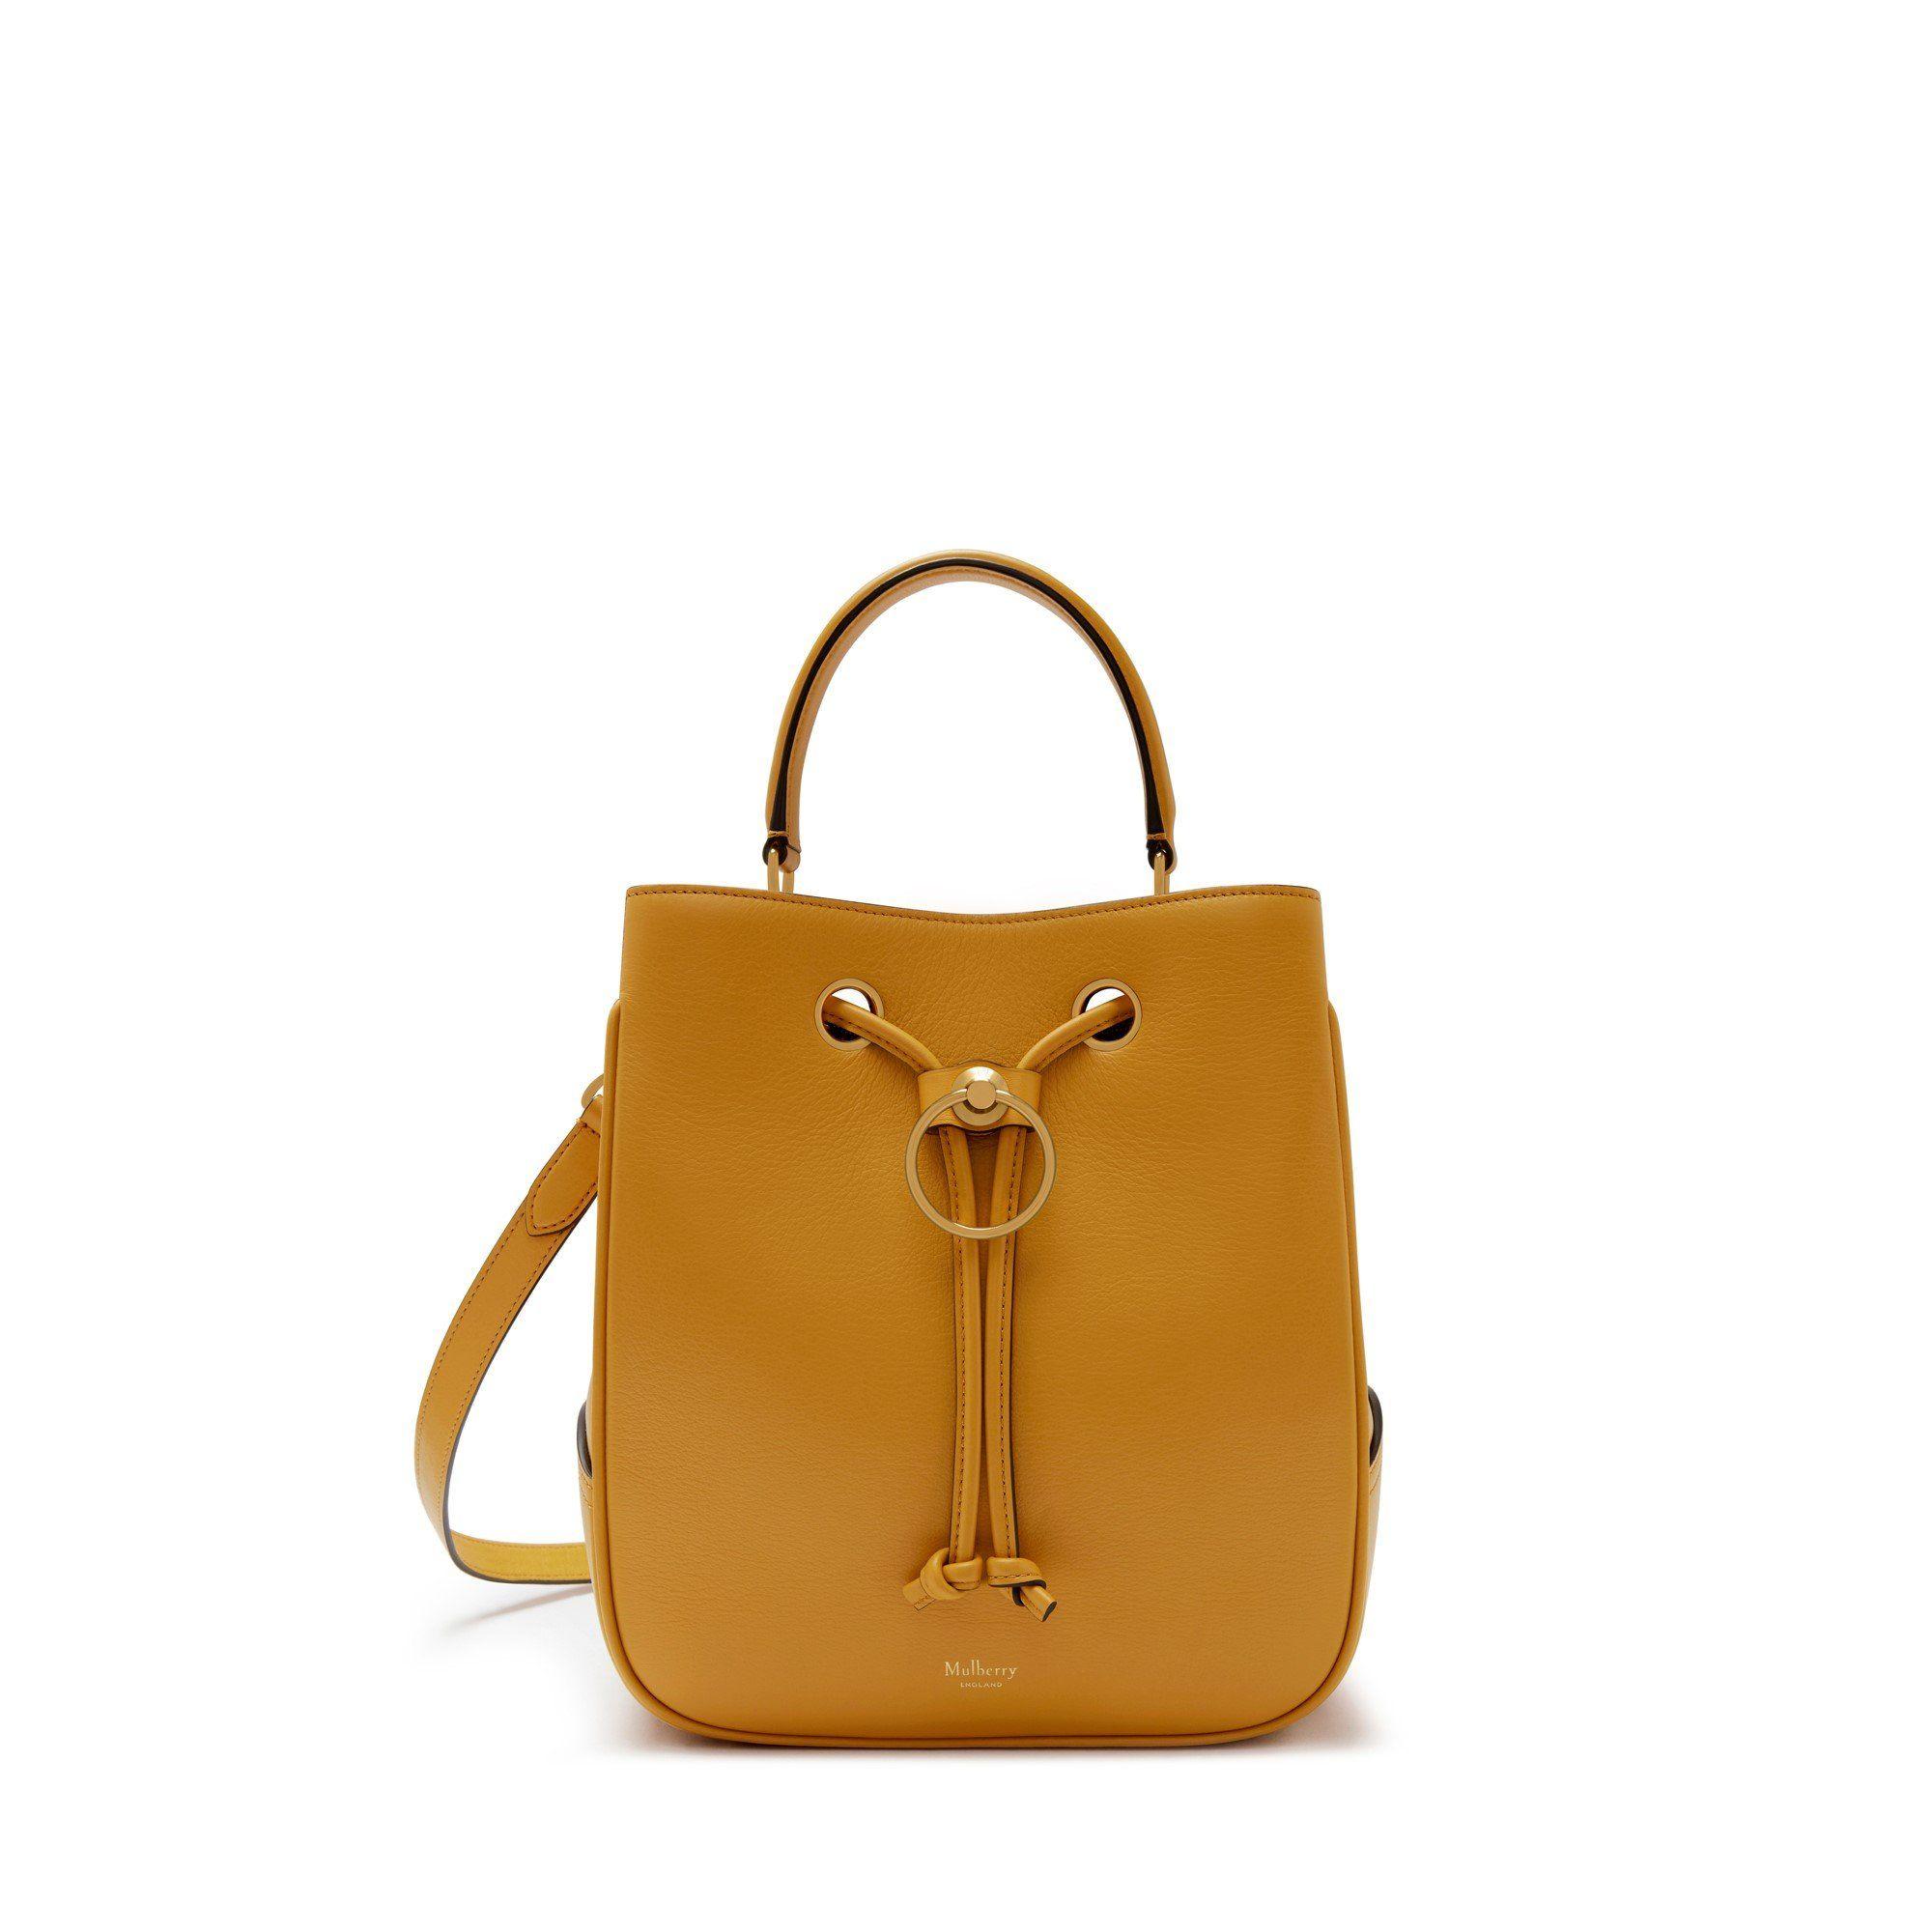 95bdb04a7a10 Women s Bags